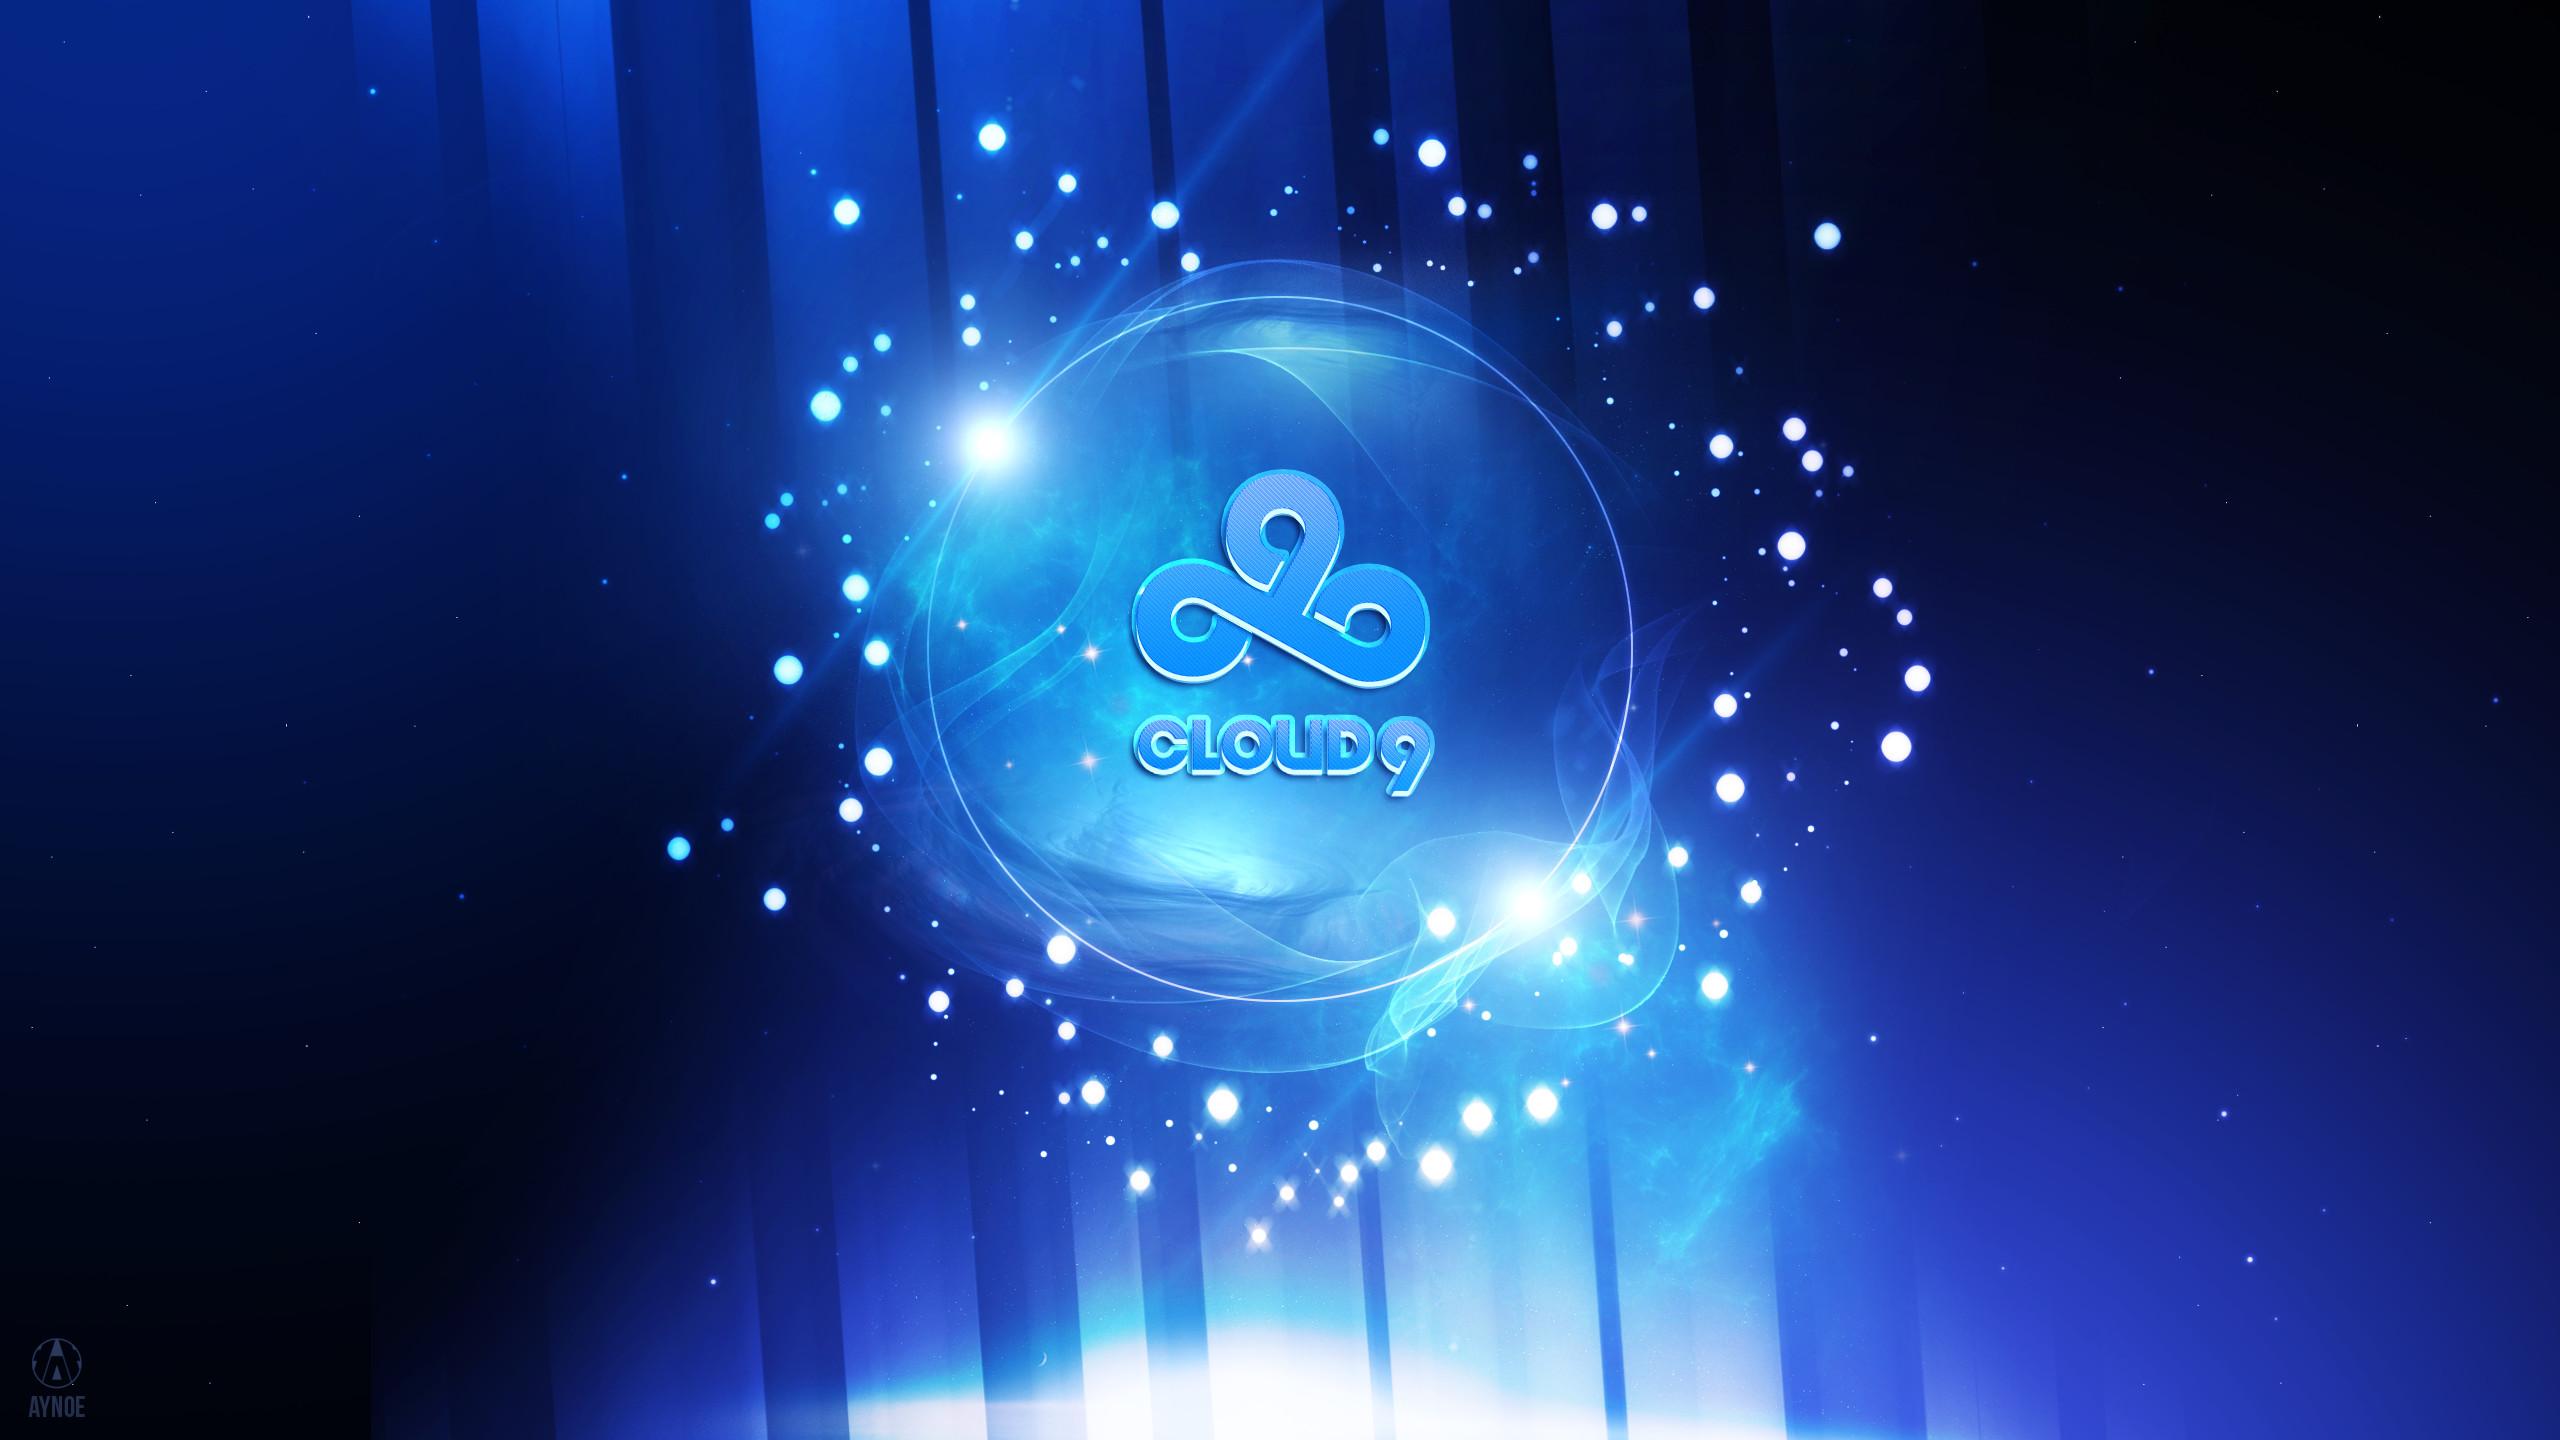 … Cloud9 Wallpaper Logo – League of Legends by Aynoe